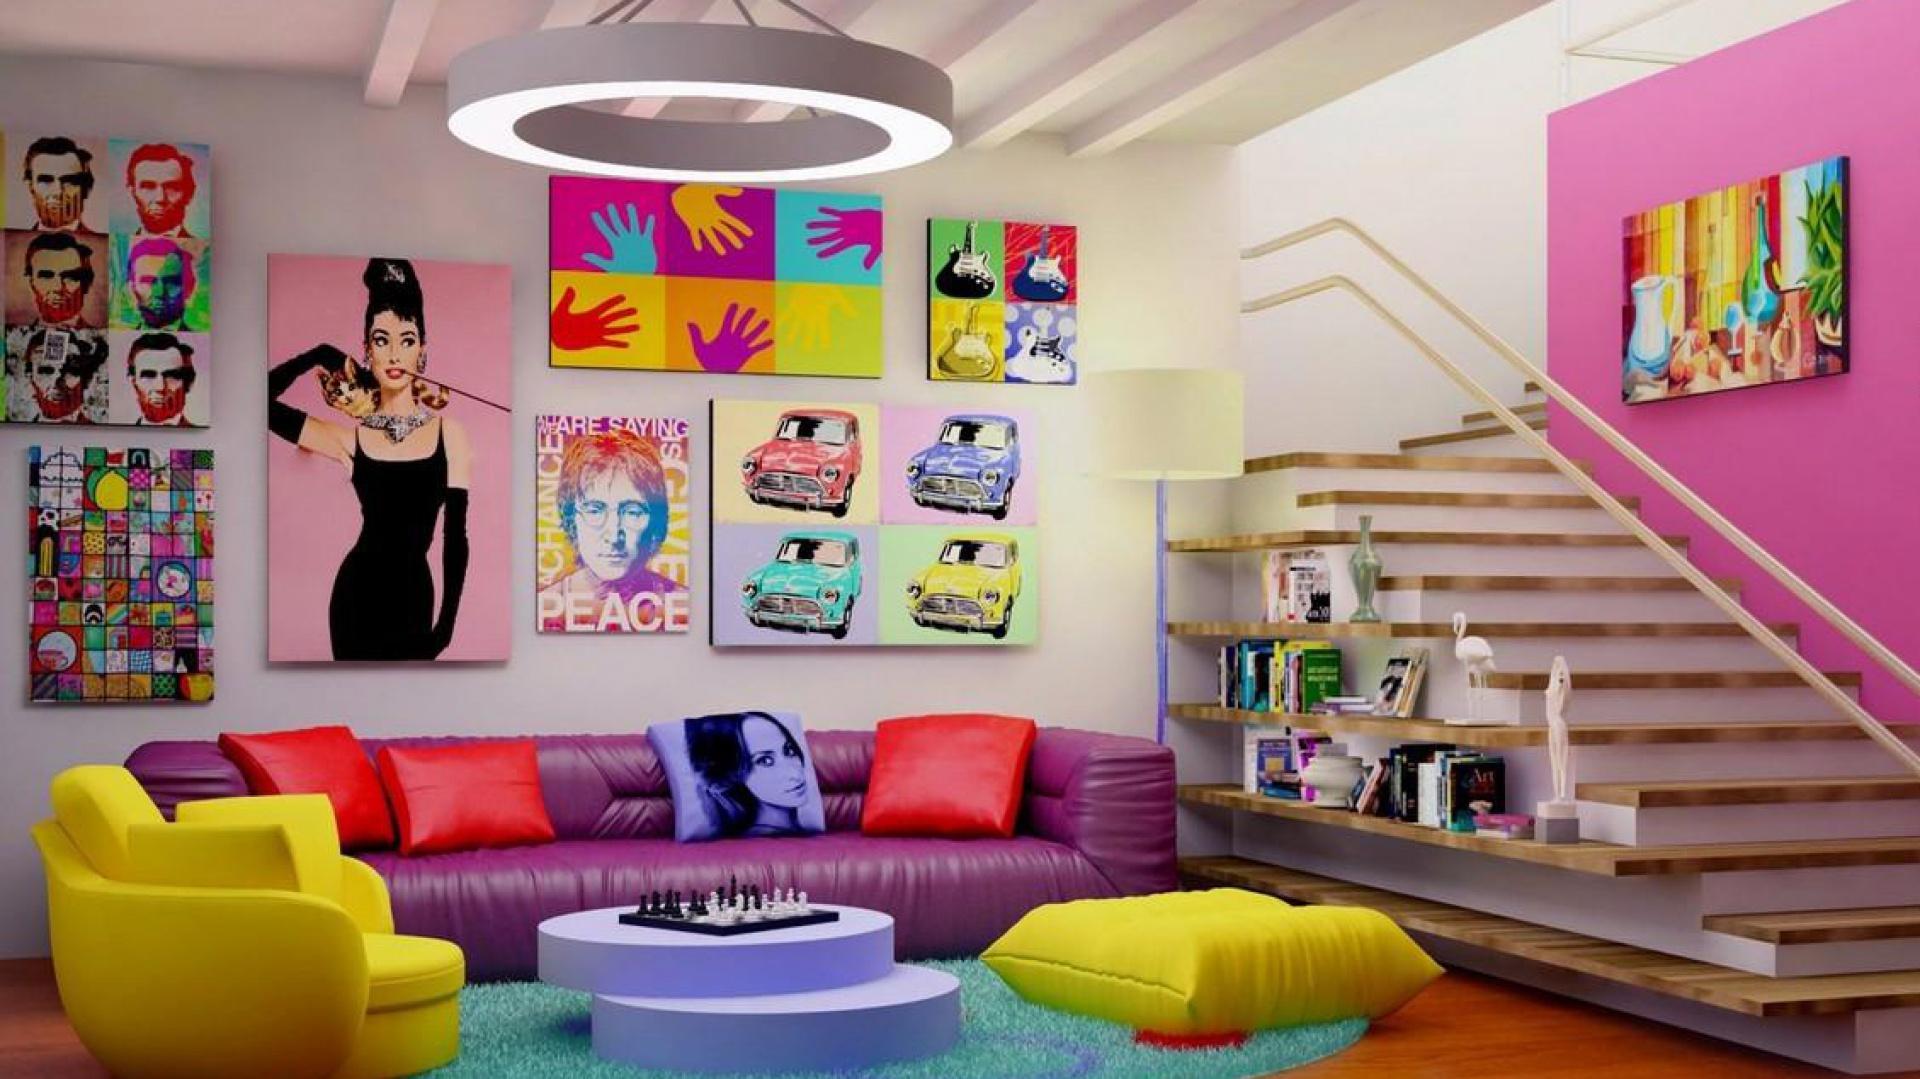 Fioletowa sofa, żółte siedziska i turkusowy dywan, w połączeniu z masą kolorowych obrazków, są w stanie stworzyć aranżację w kolorach tęczy. Fot. Lecconotizione.com.